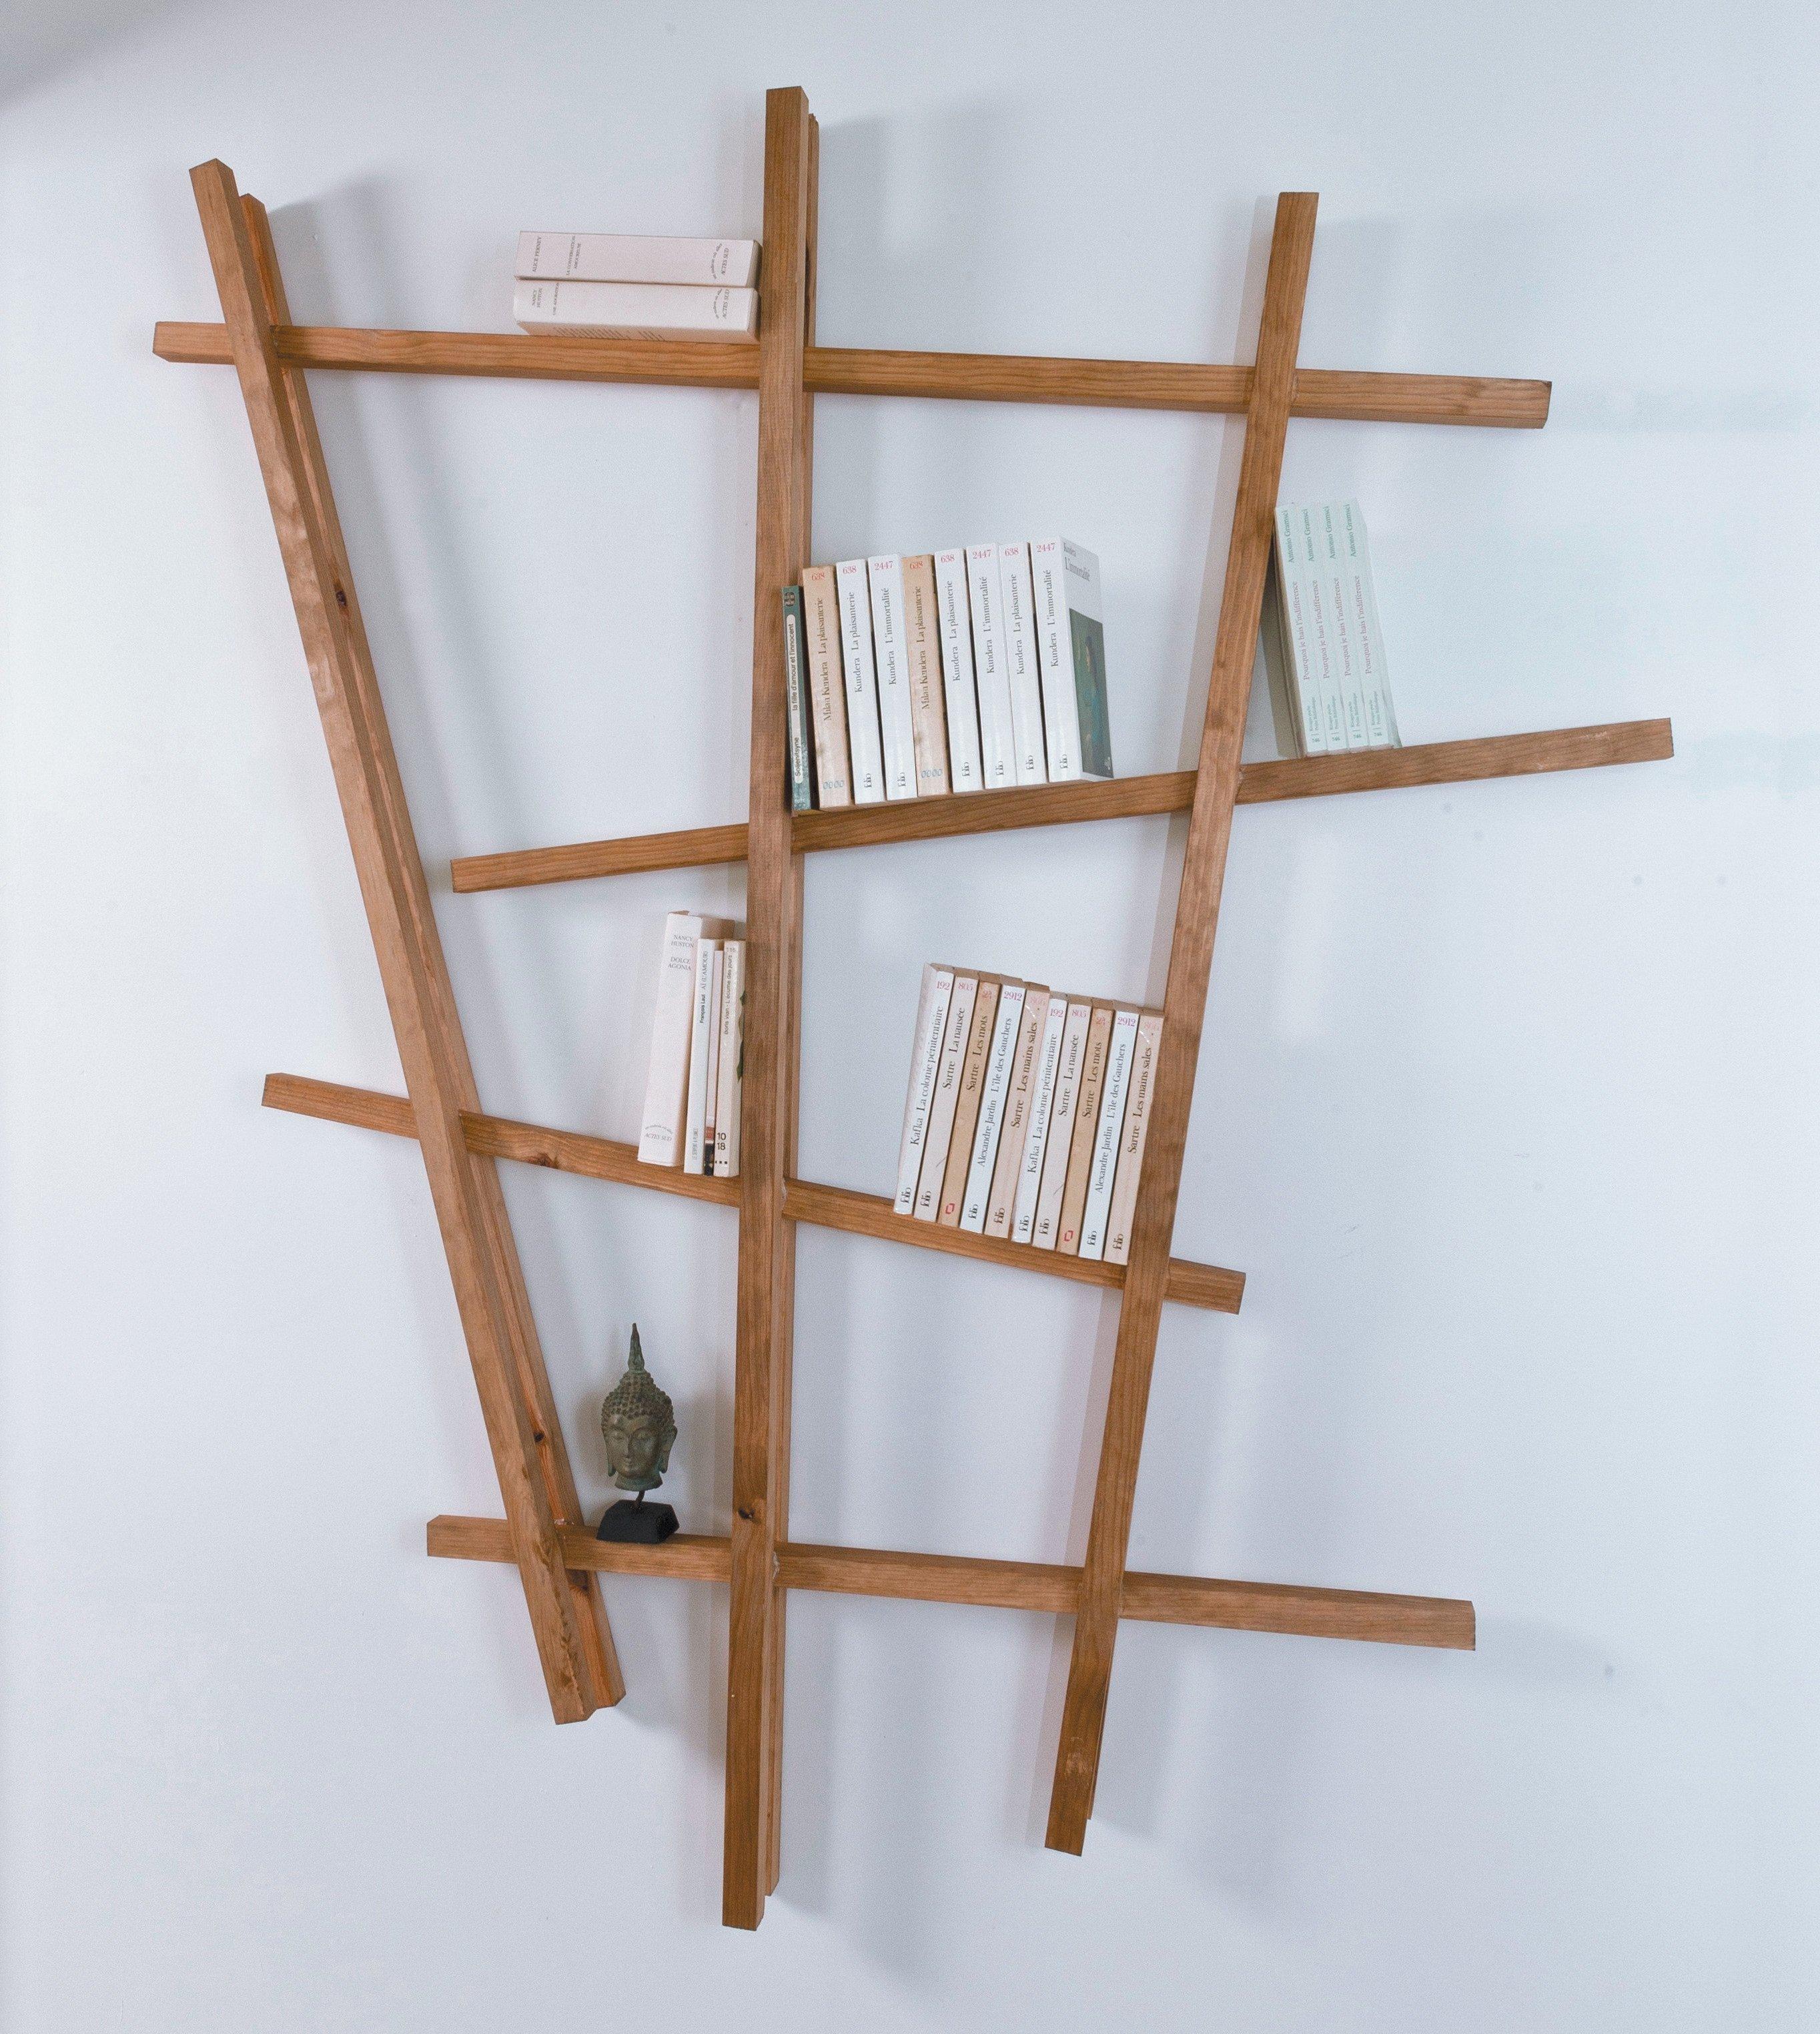 wie kann ich als anf nger eine etagere selber bauen. Black Bedroom Furniture Sets. Home Design Ideas